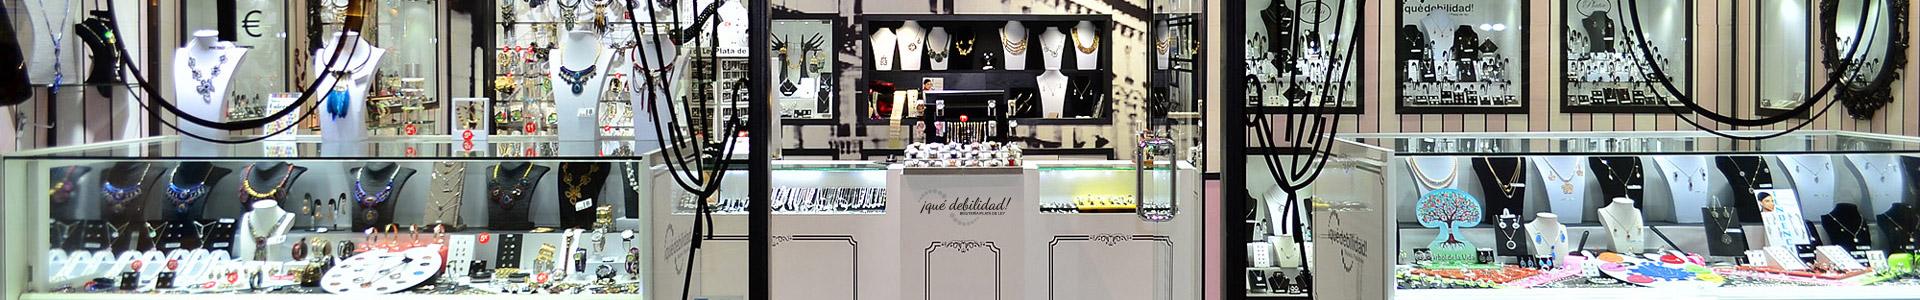 tienda de bisutería y plata de Ley en Coslada Madrid